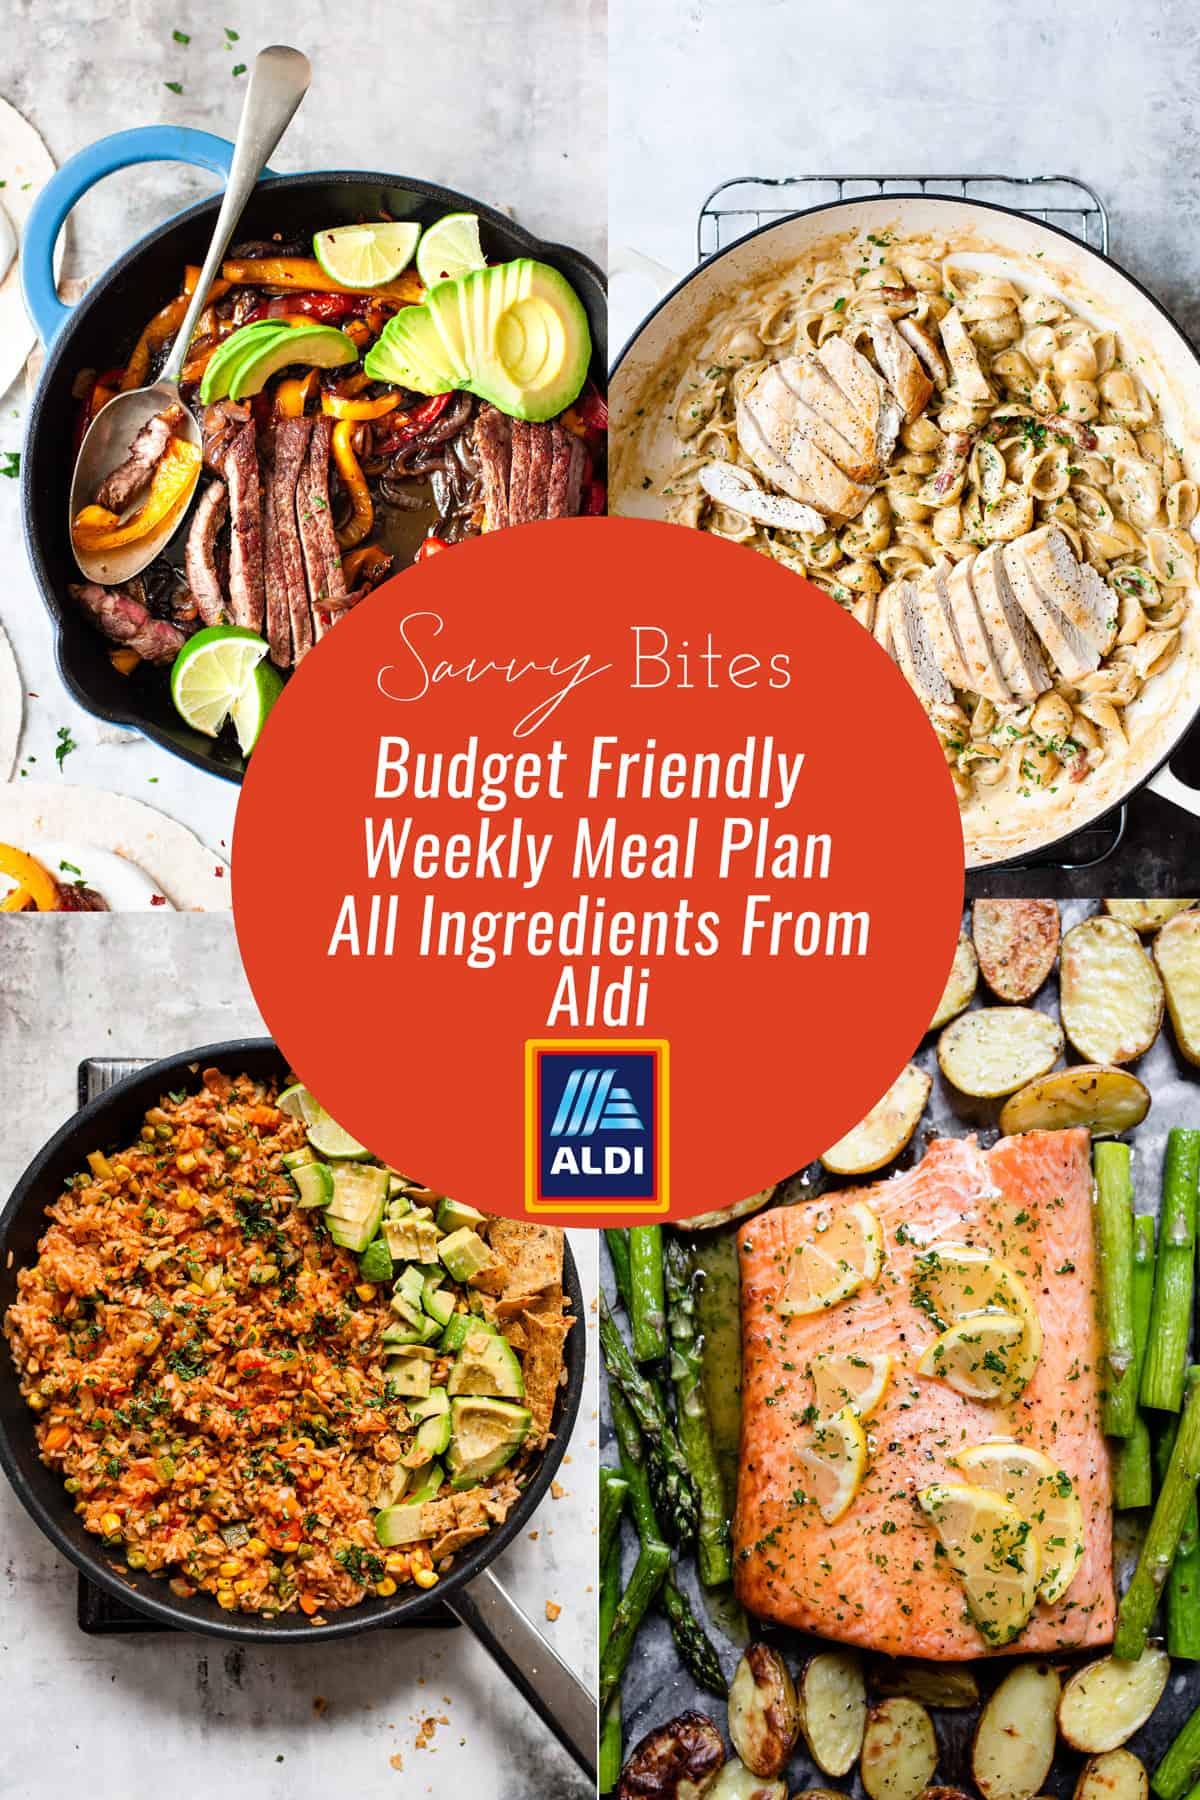 Aldi Budget meal plan photos May 17